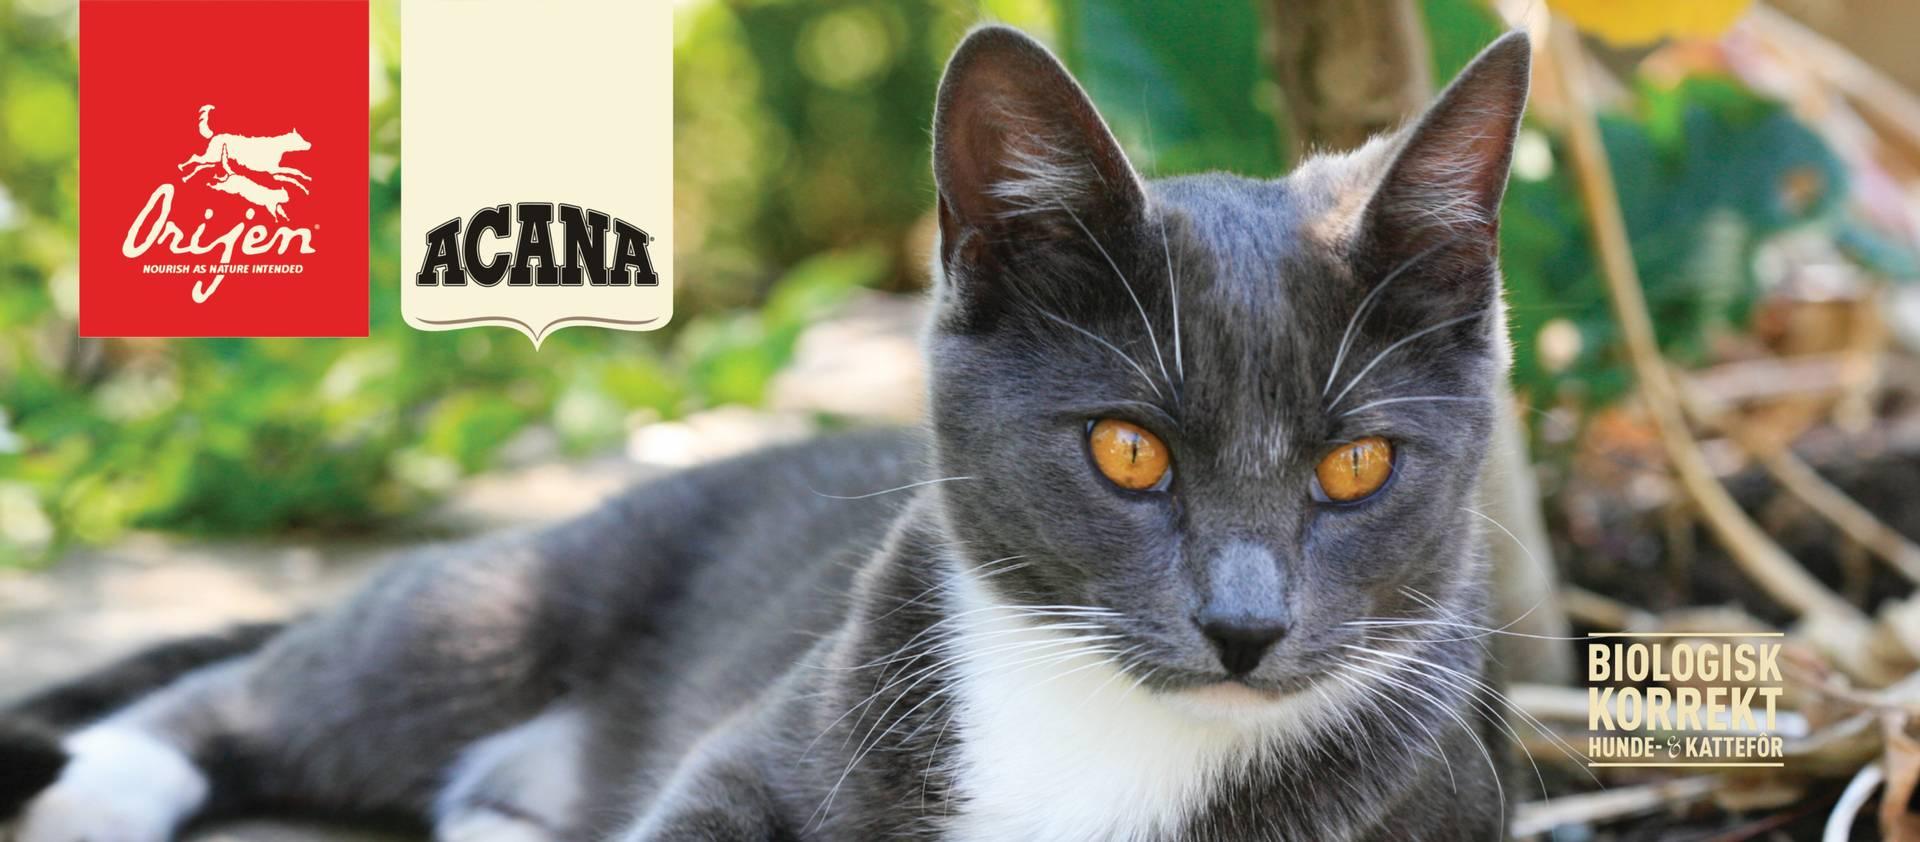 Acana kattemat, kvalitetsfor til katt fra Canada, kornfri kattemat, kattemat til kattunger, kattemat til voksne katter, kattemat til eldre katter, kattemat til innekatter, sunn kattemat, food for cats, grainfree food for cats, food for kittens,